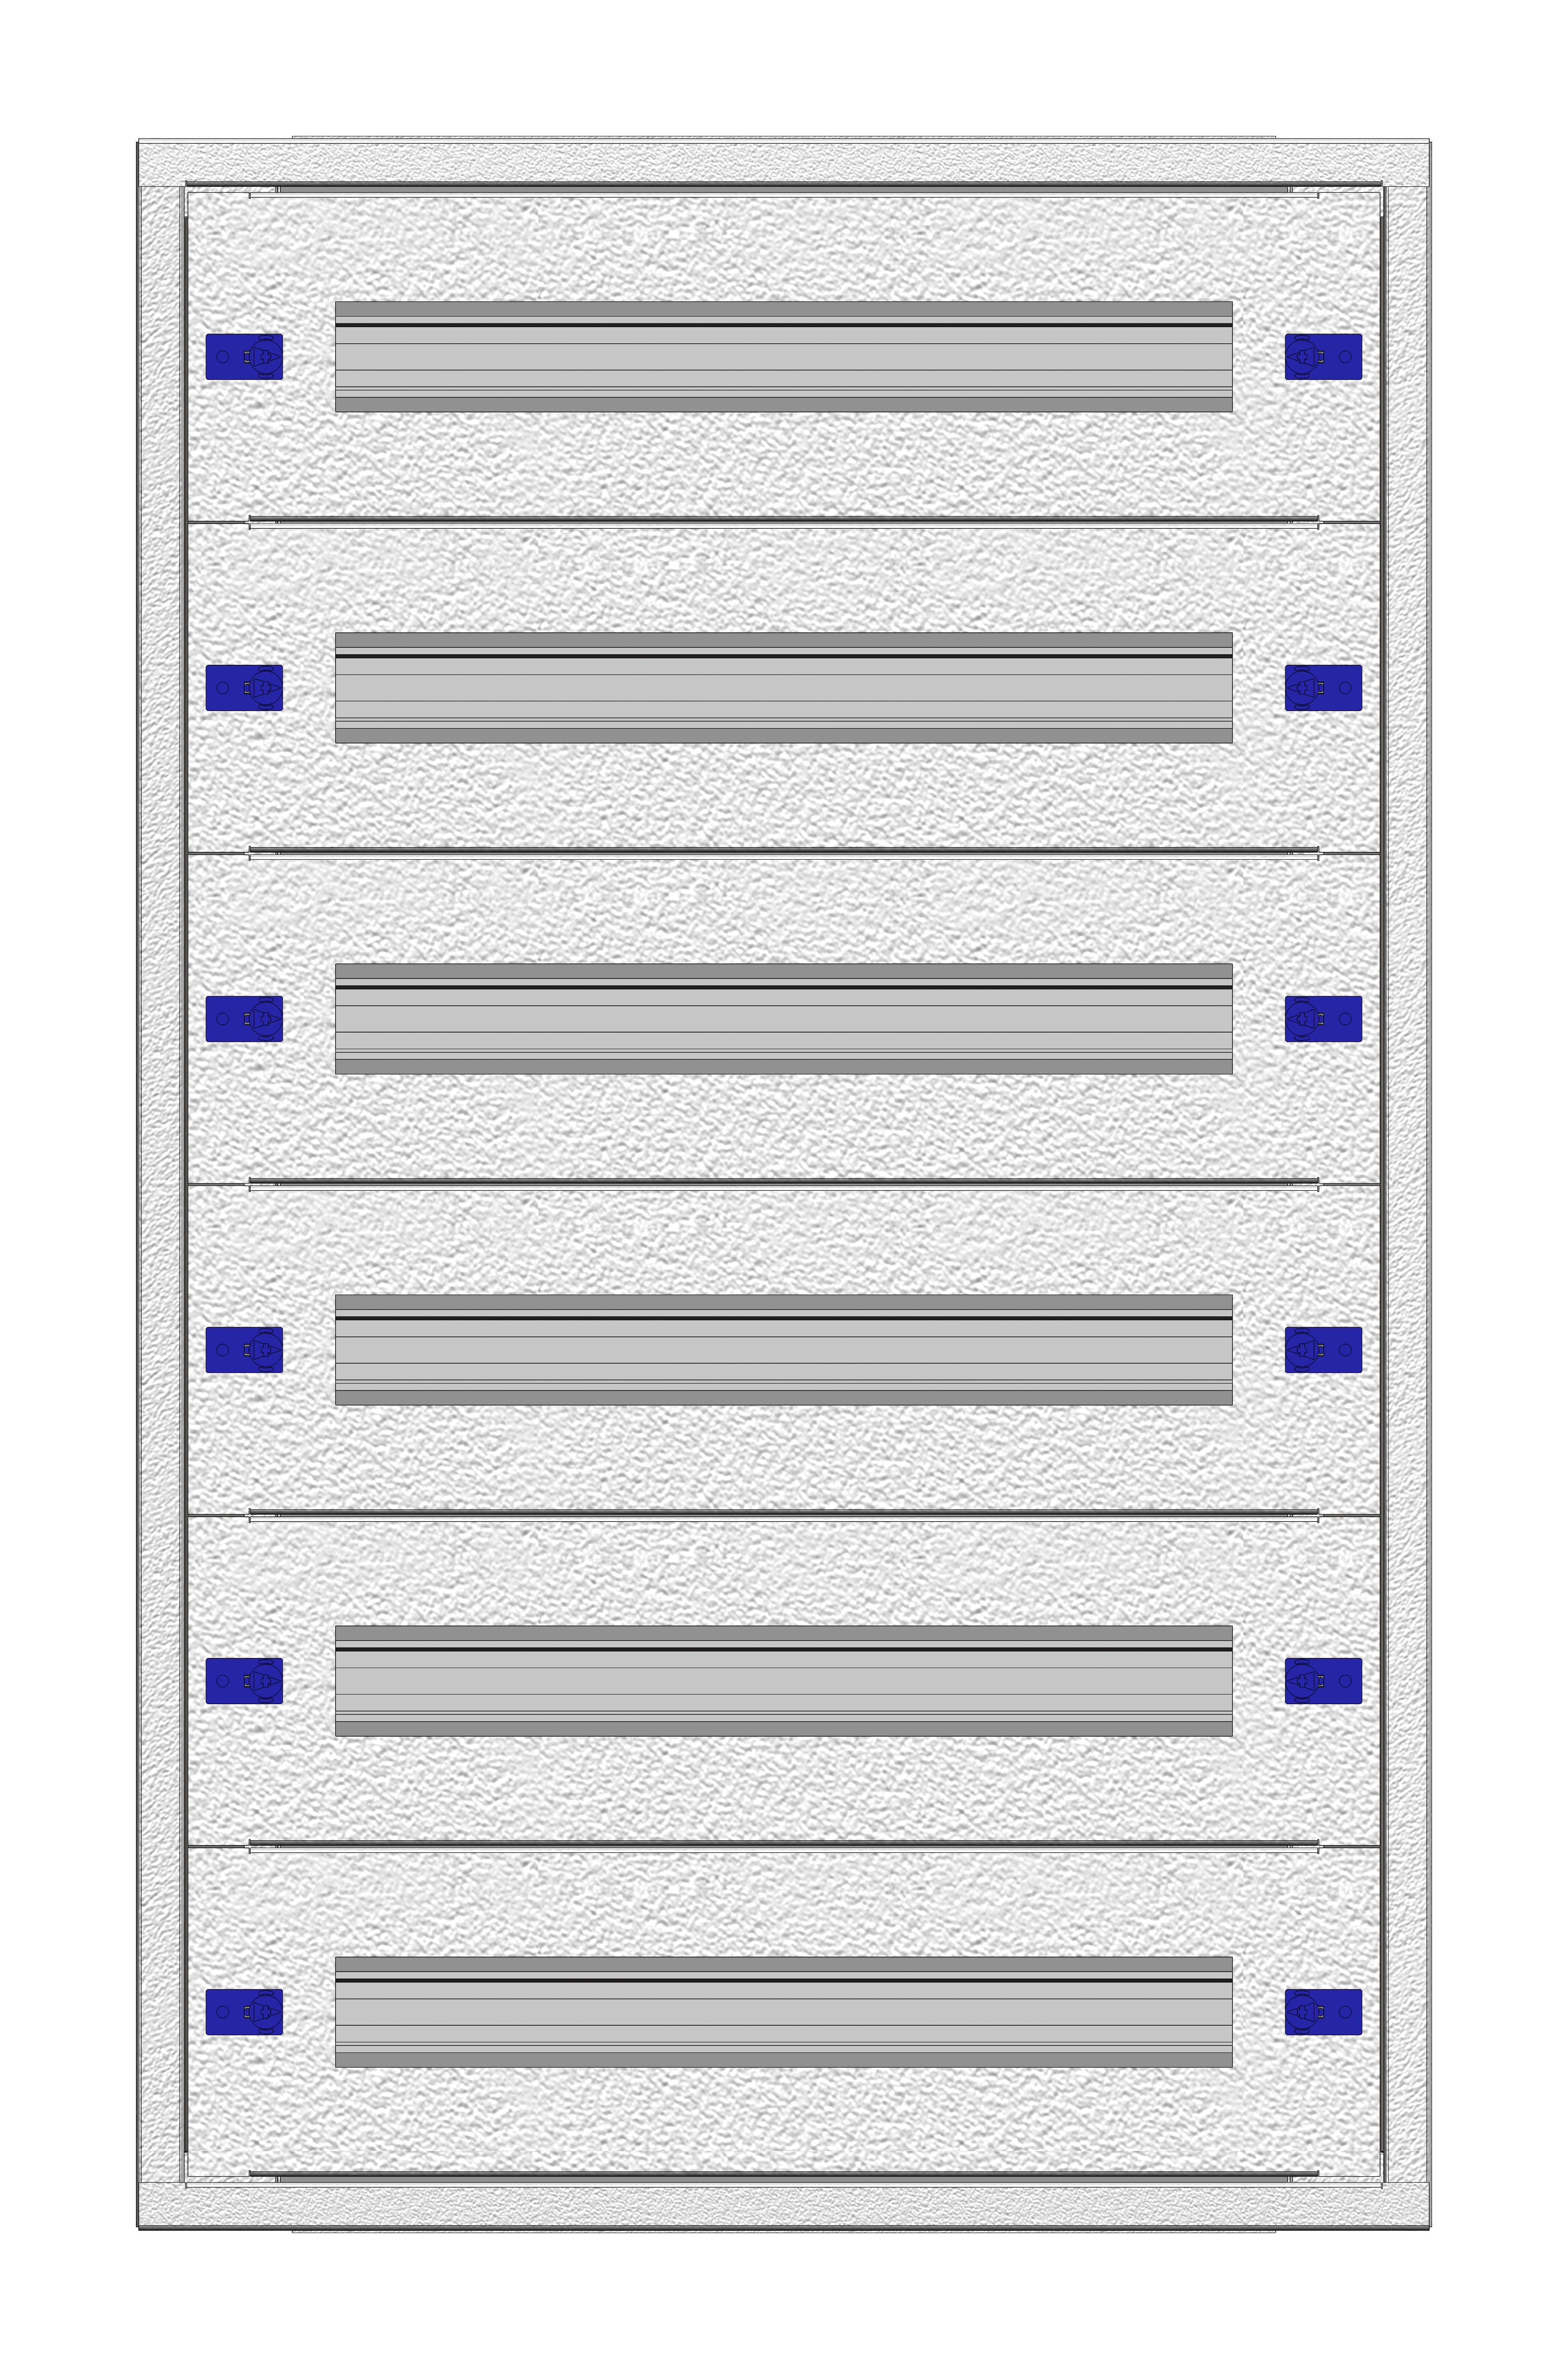 1 Stk Aufputz-Installationsverteiler 2A-18K, H915B590T100mm flach IL172918AS